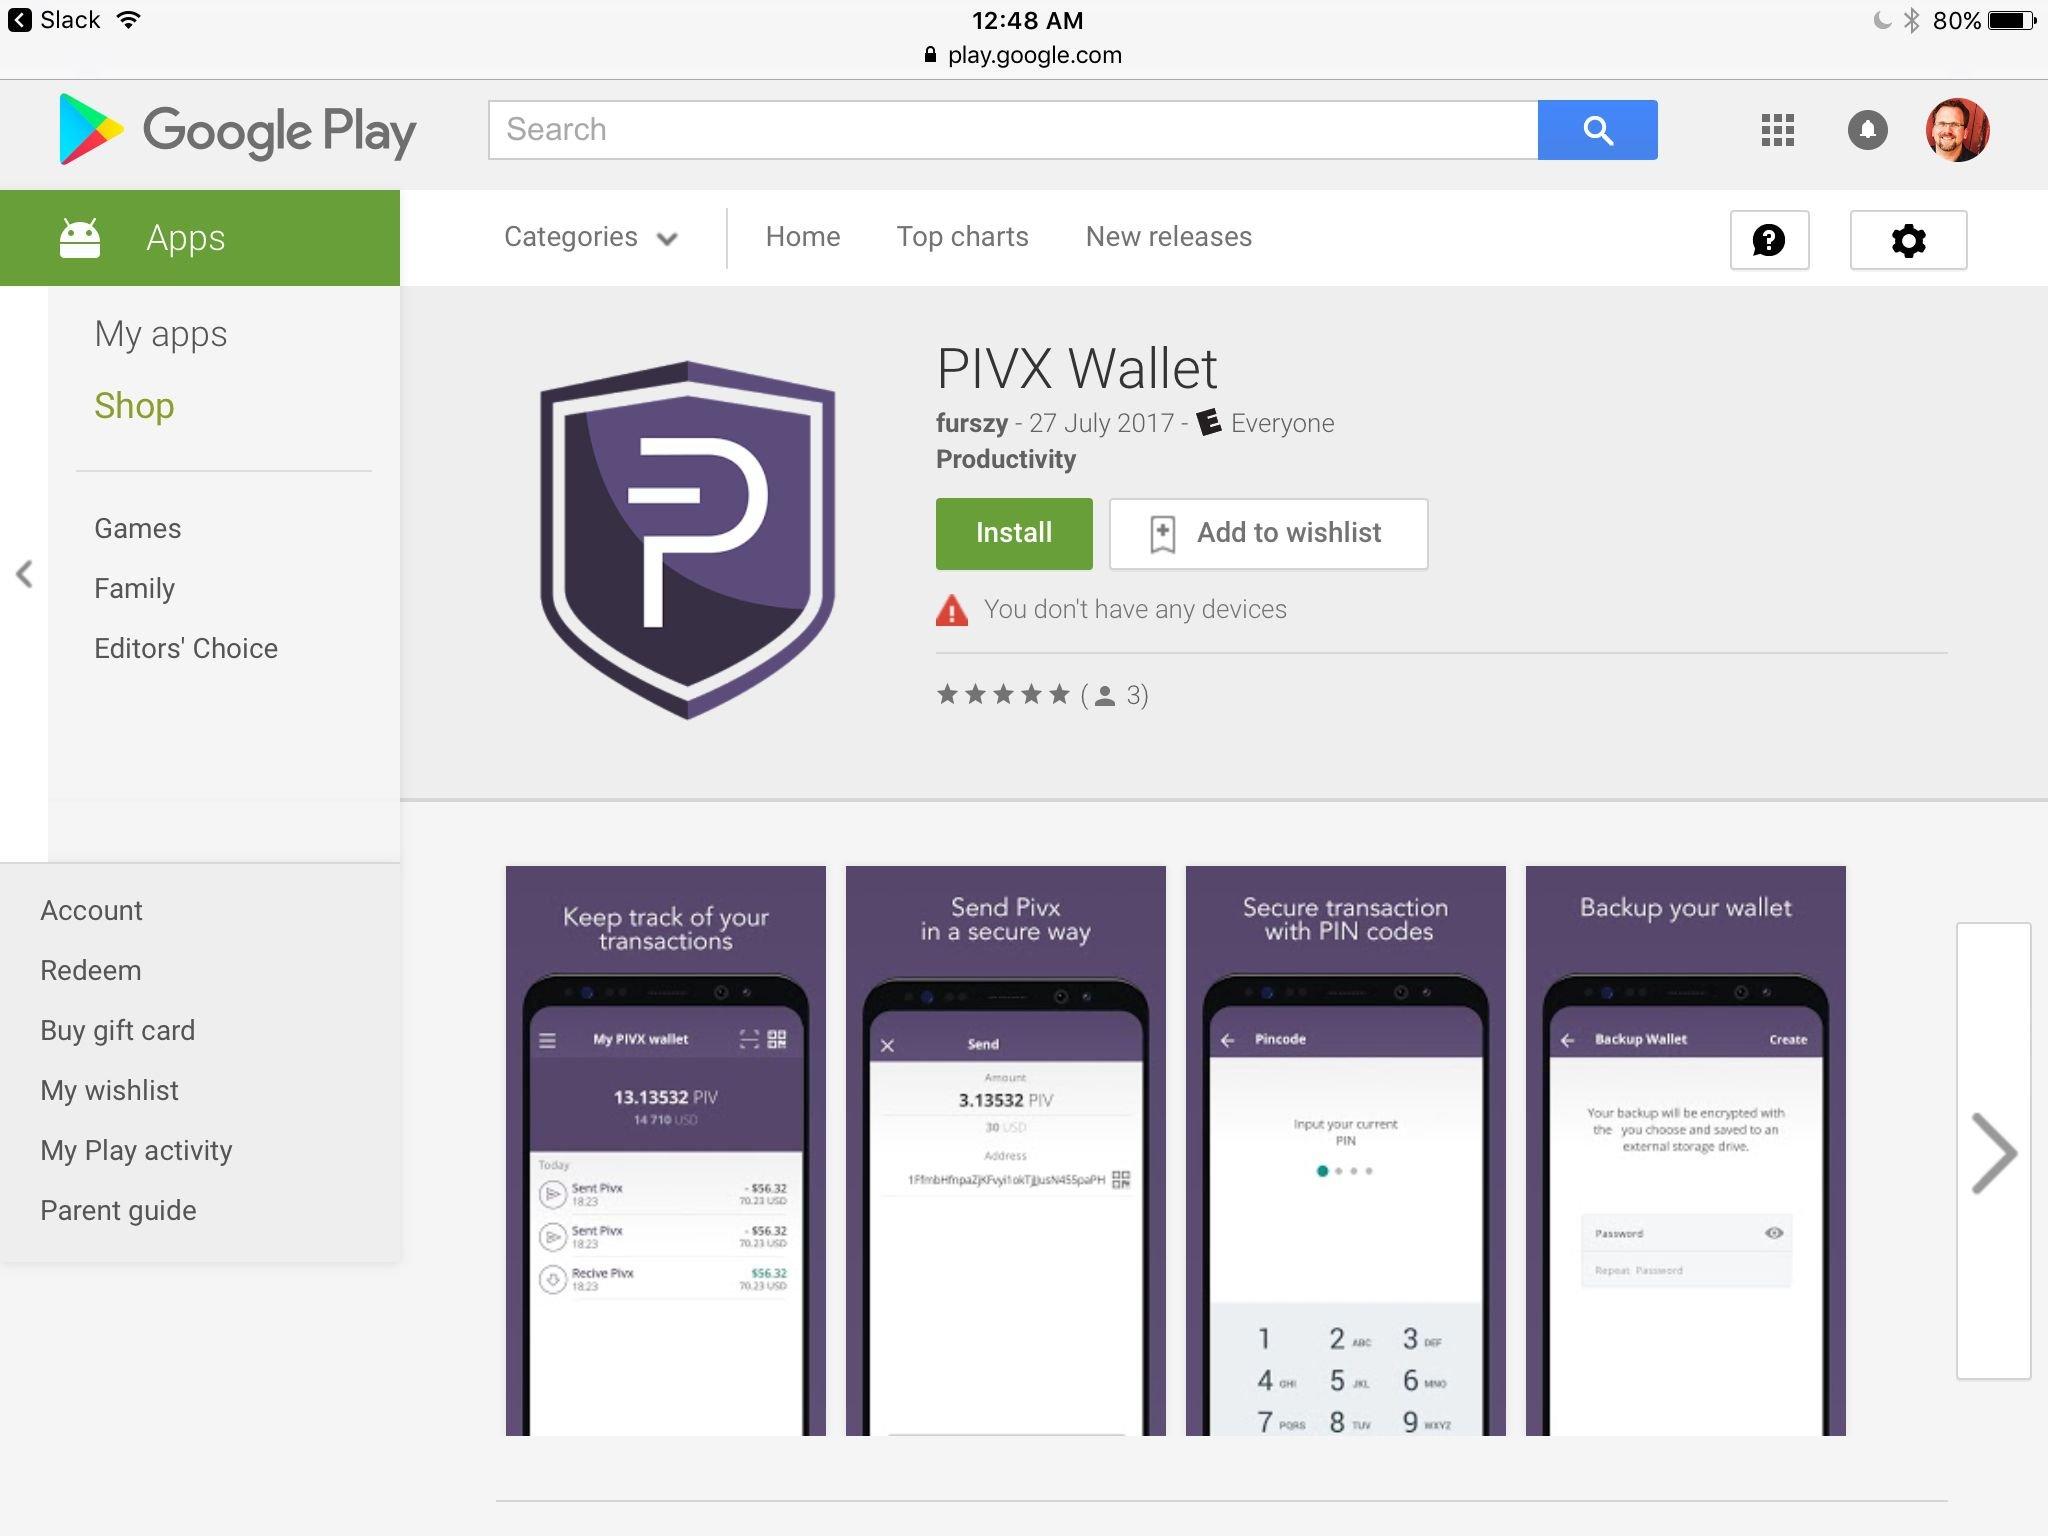 PIVX Wallet